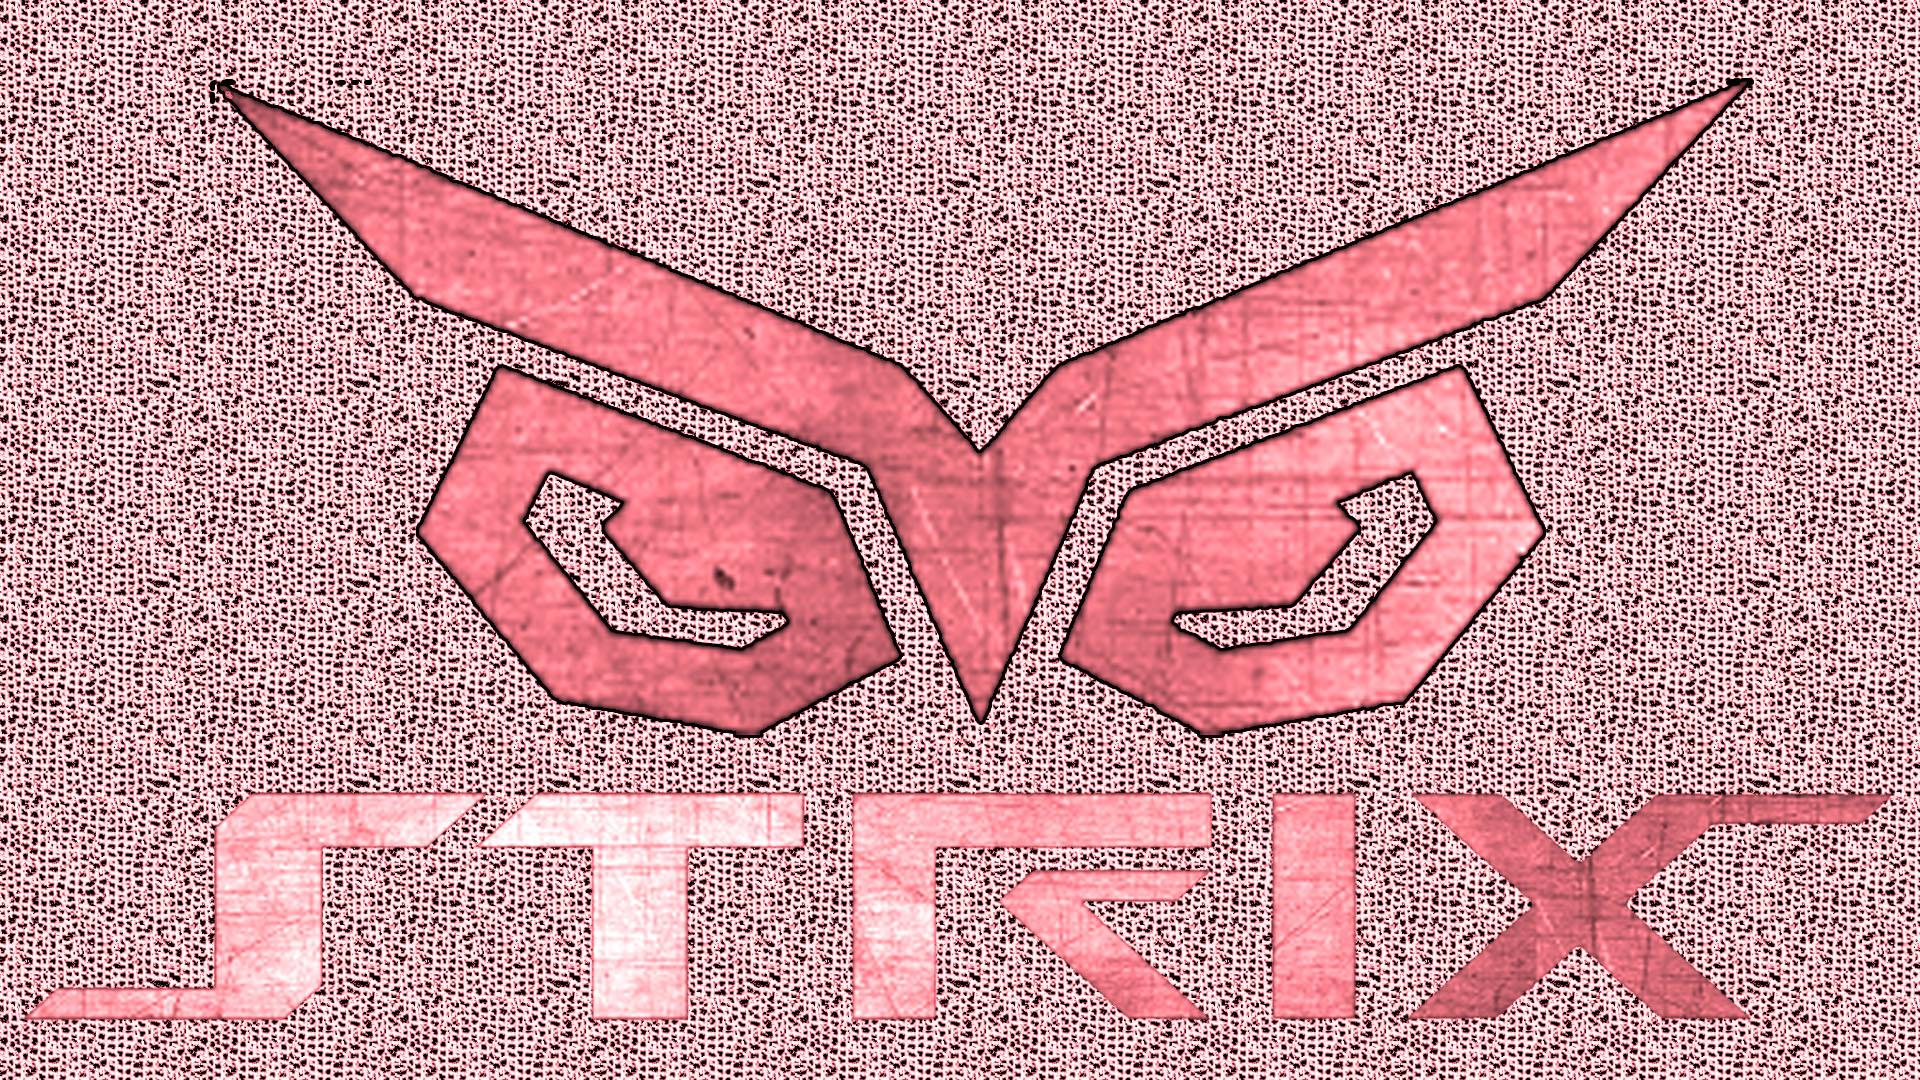 Asus Strix Logo Wallpaper by svckergamer 1920x1080